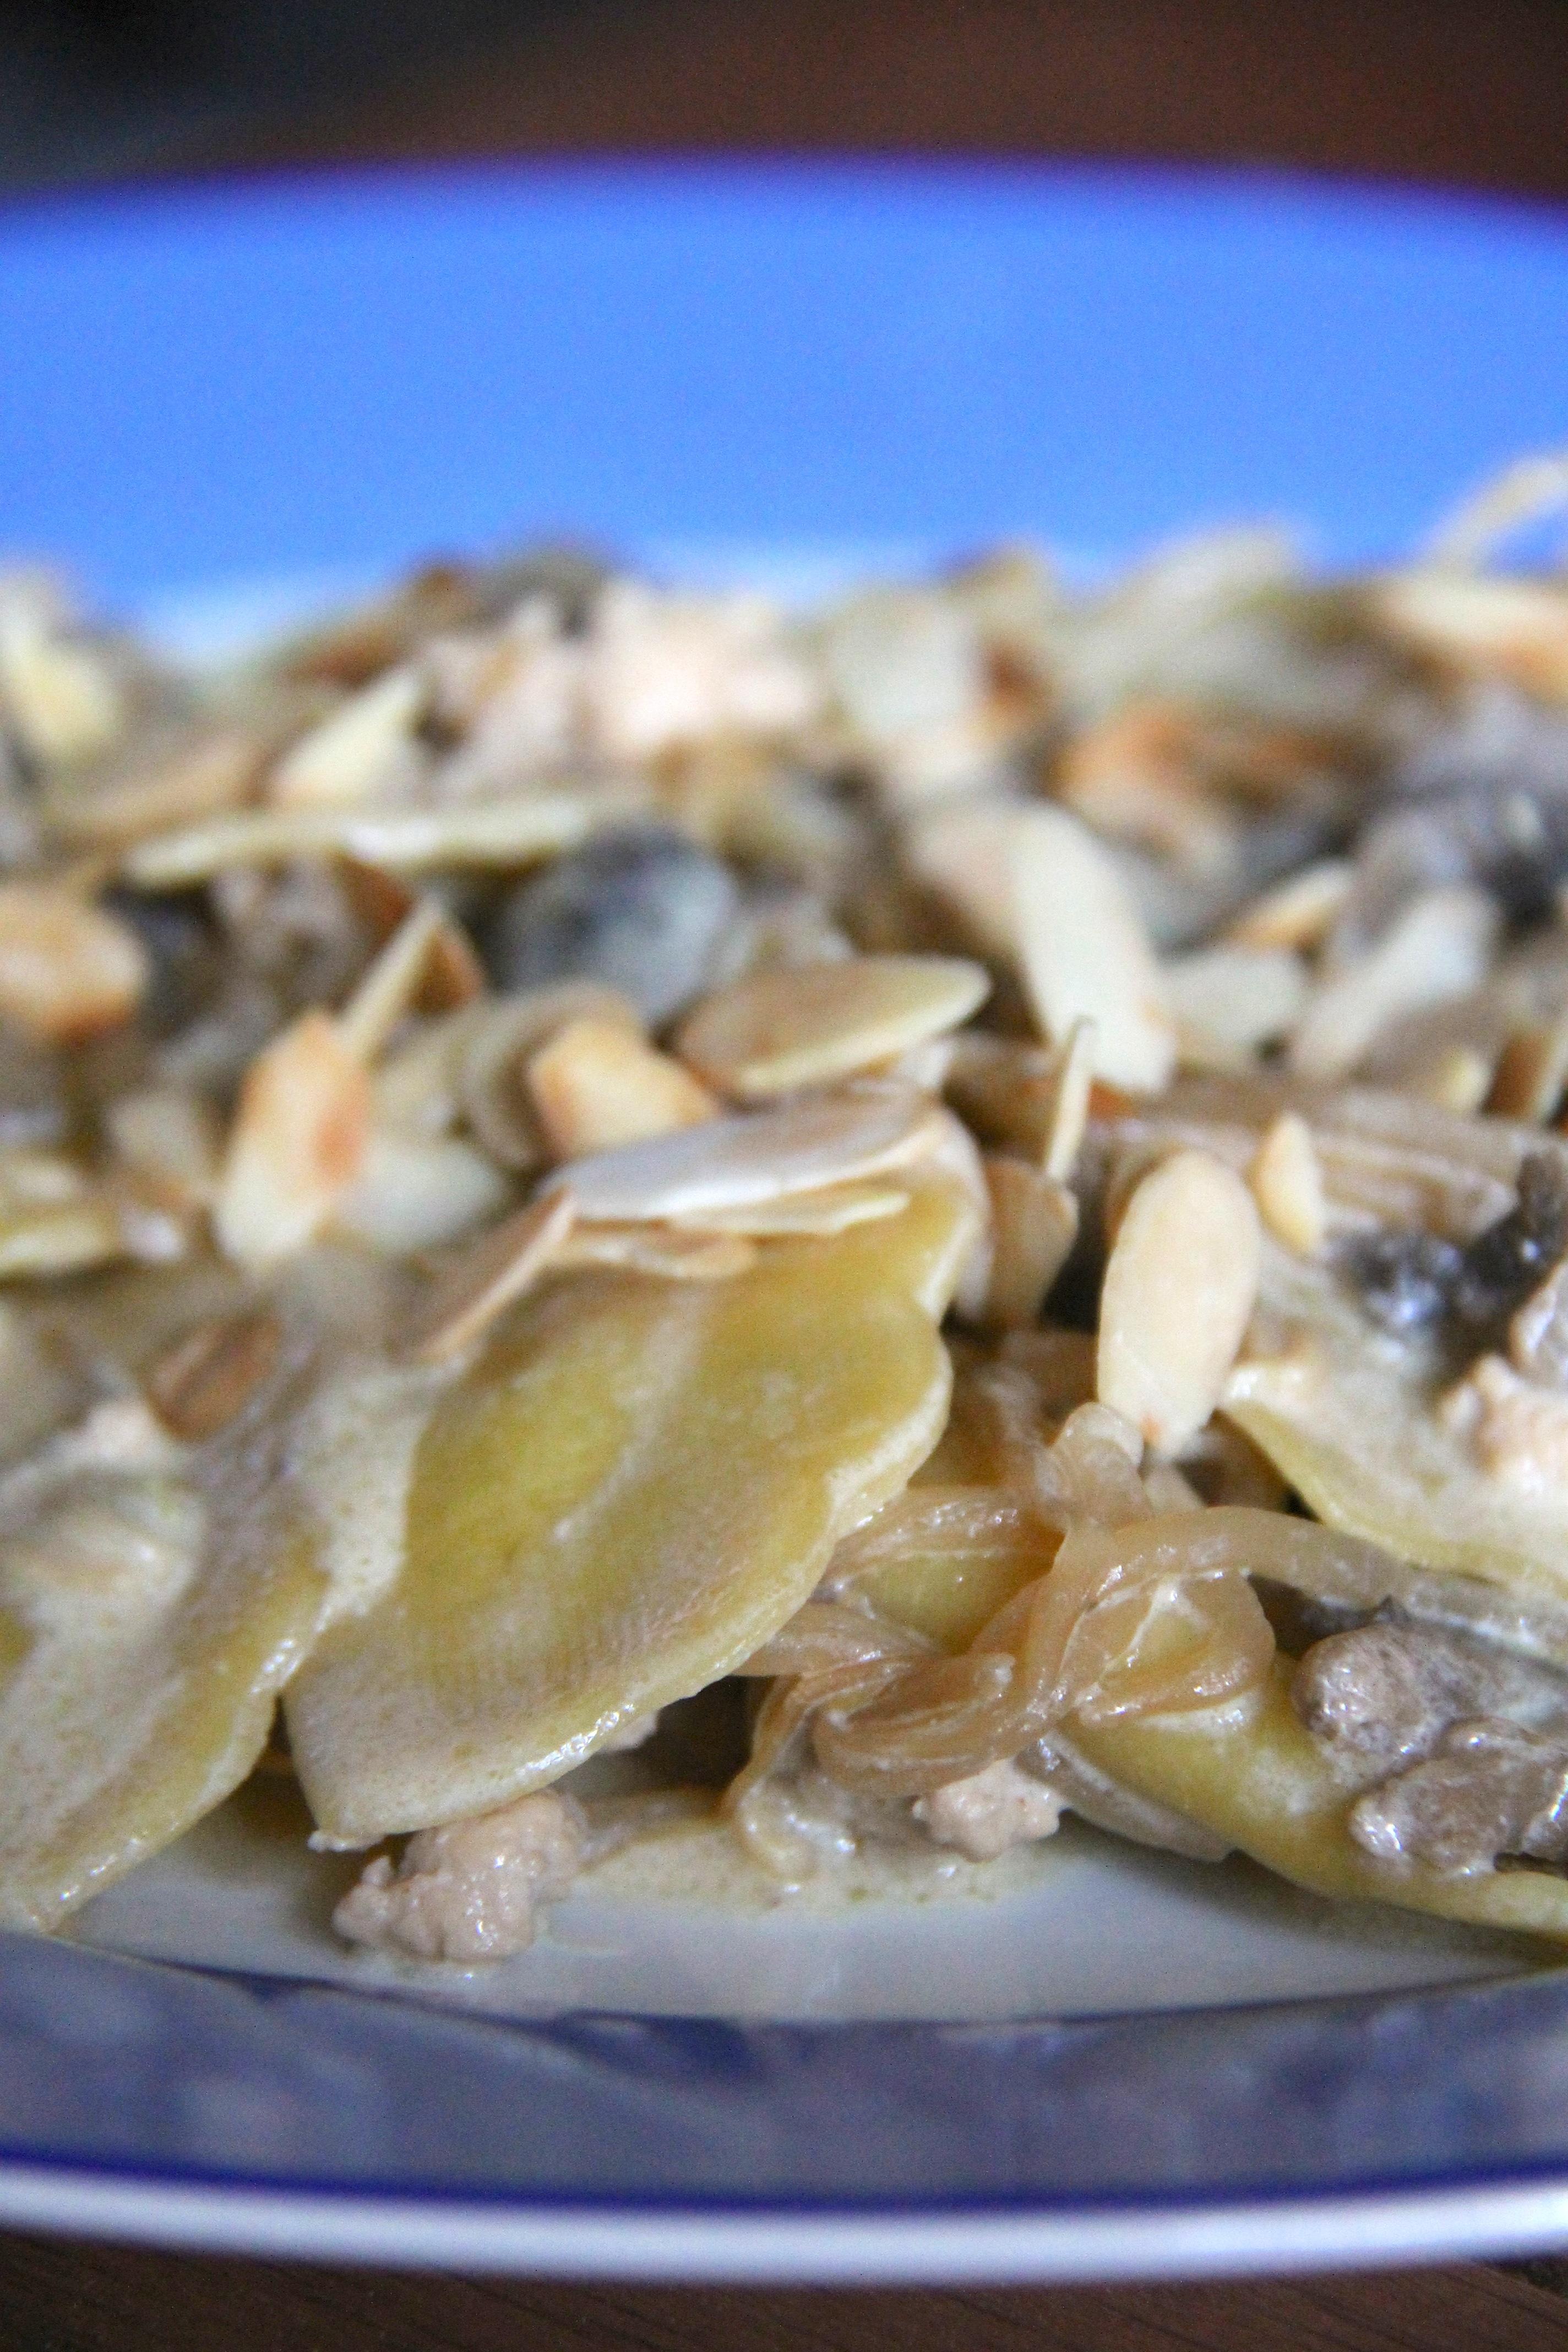 Ravioli mezzelune al pistacchio con ragù di pollo, funghi e scaglie di mandorle